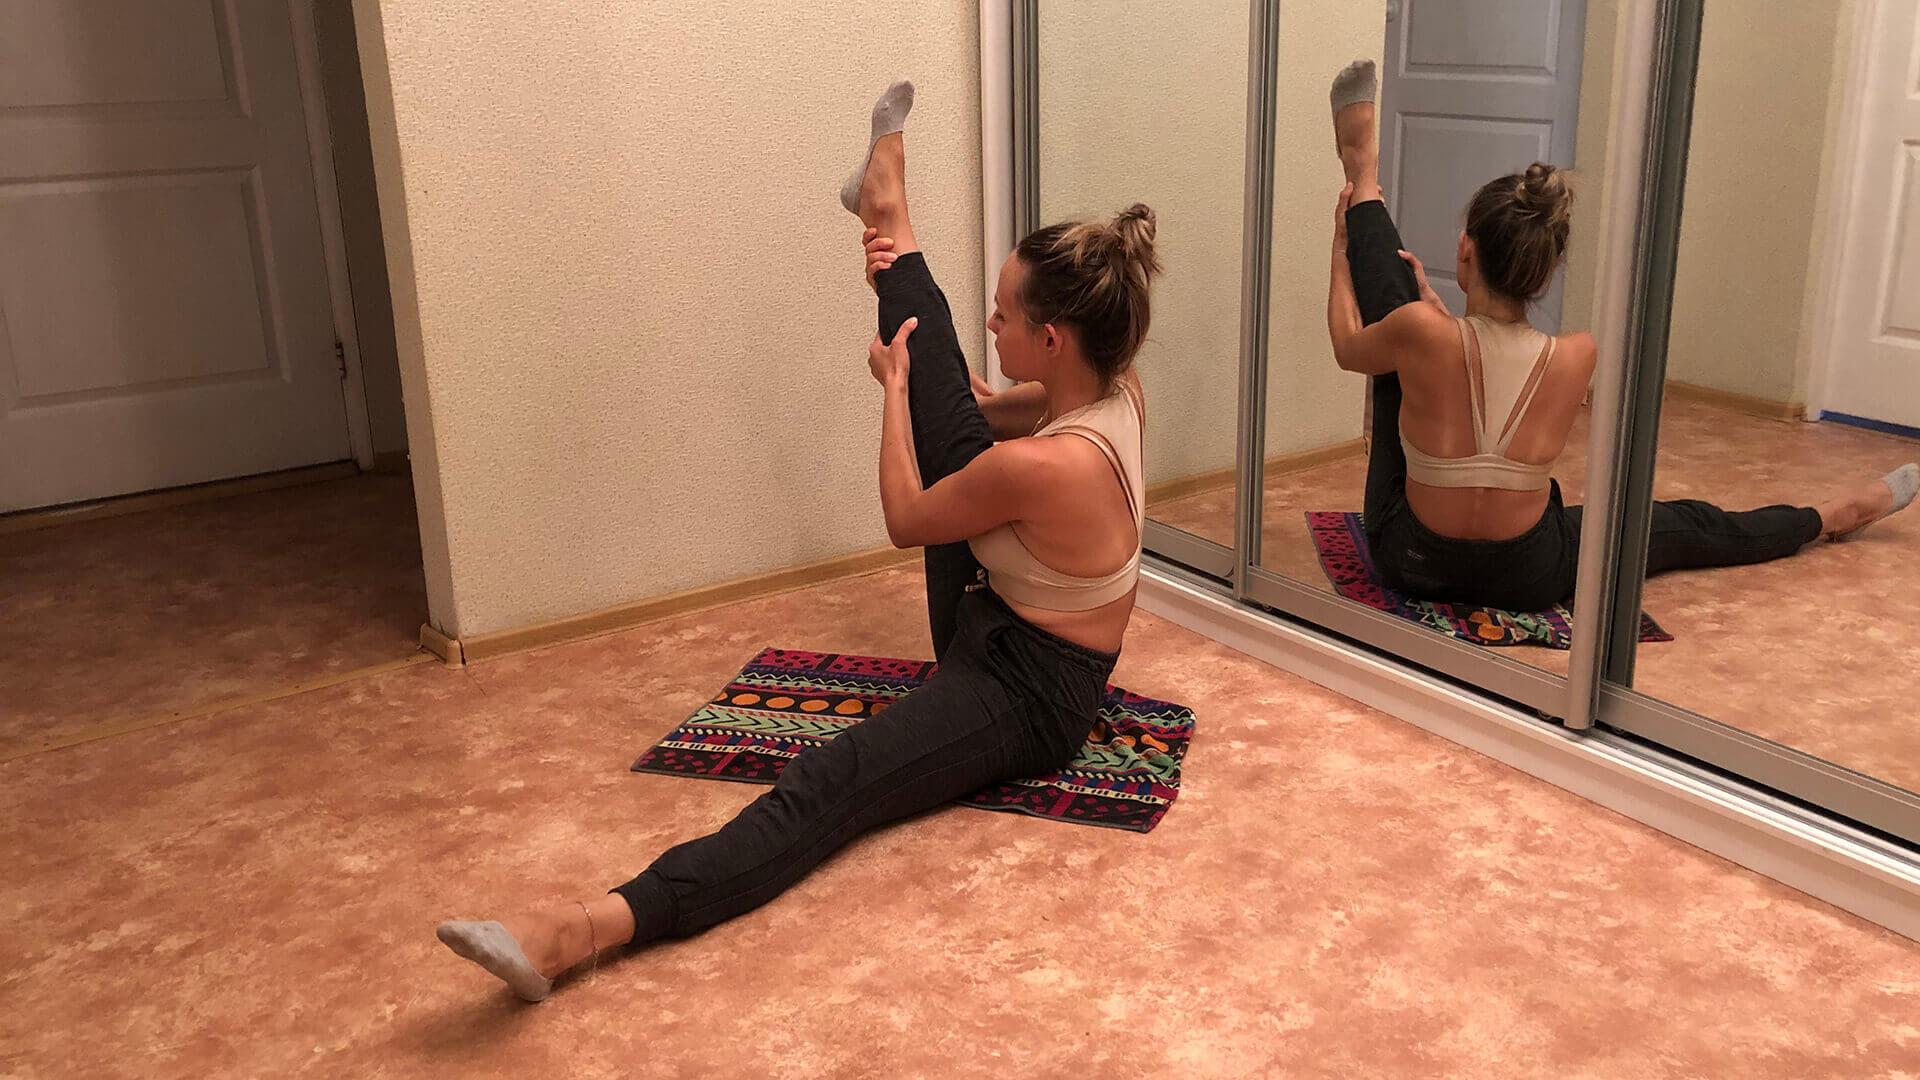 Подъем прямой ноги к себе: фото упражнения.